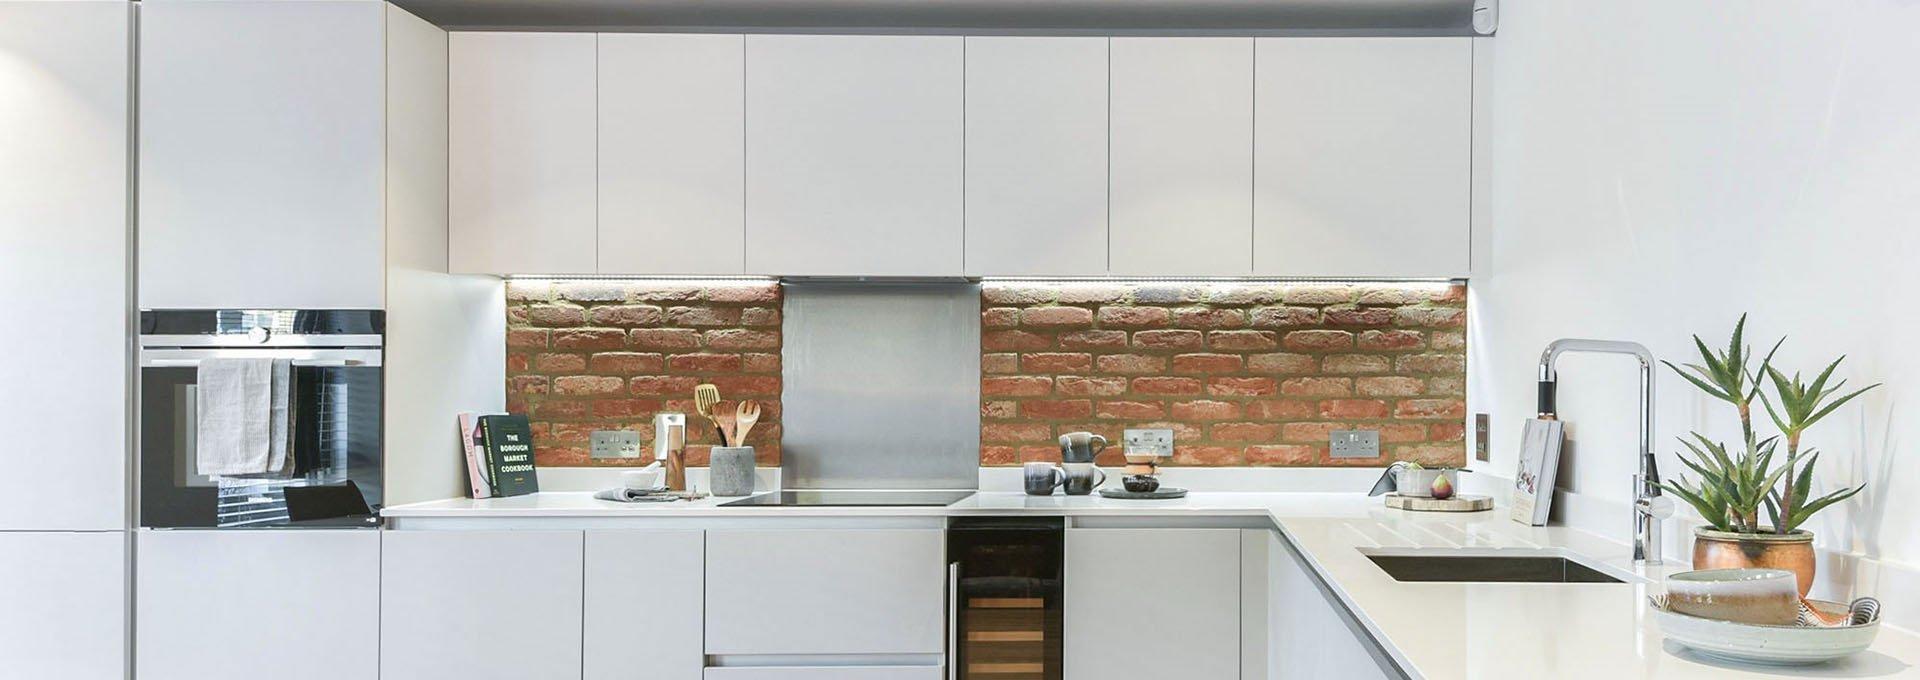 Kitchen - architecture